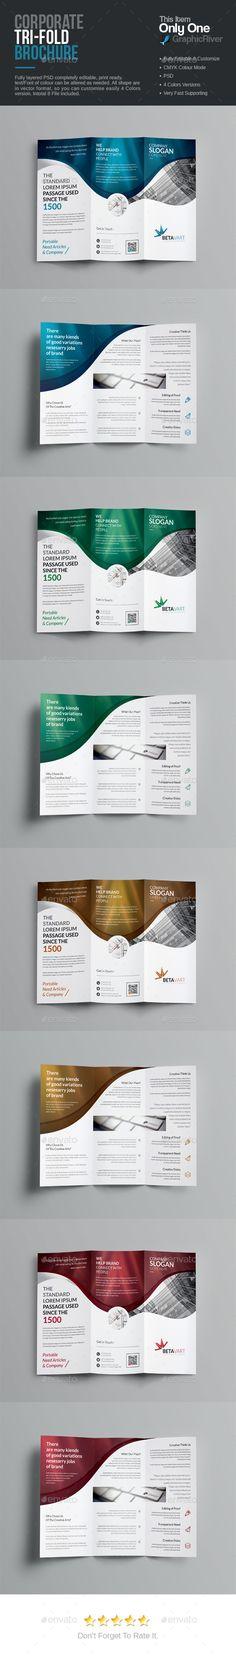 Retro Brochure Bundle Retro, Brochures and By - retro brochure template